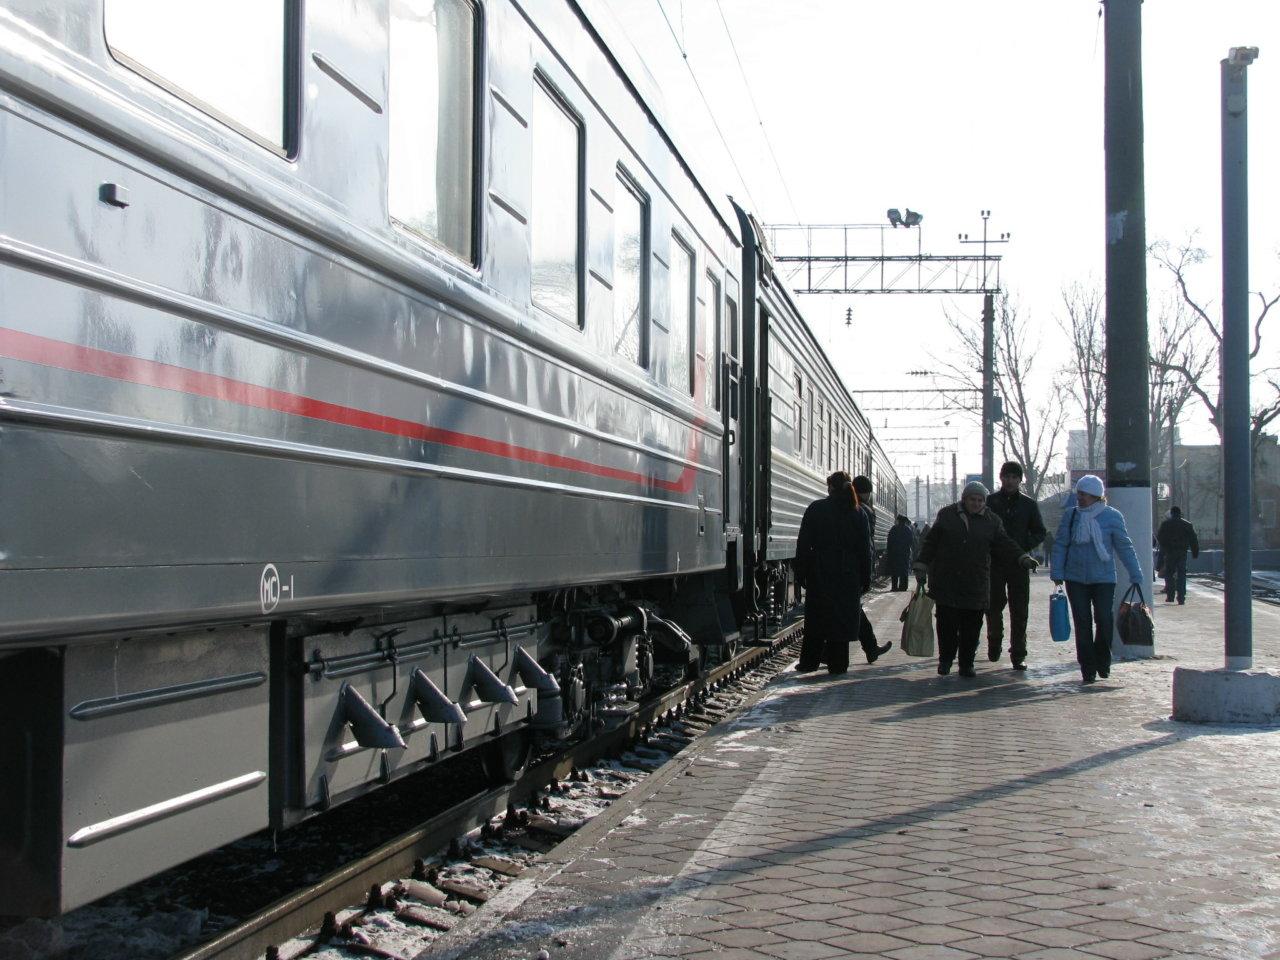 С вокзалов и станций Астраханского региона ПривЖД в январе отправлено 78 тыс. пассажиров